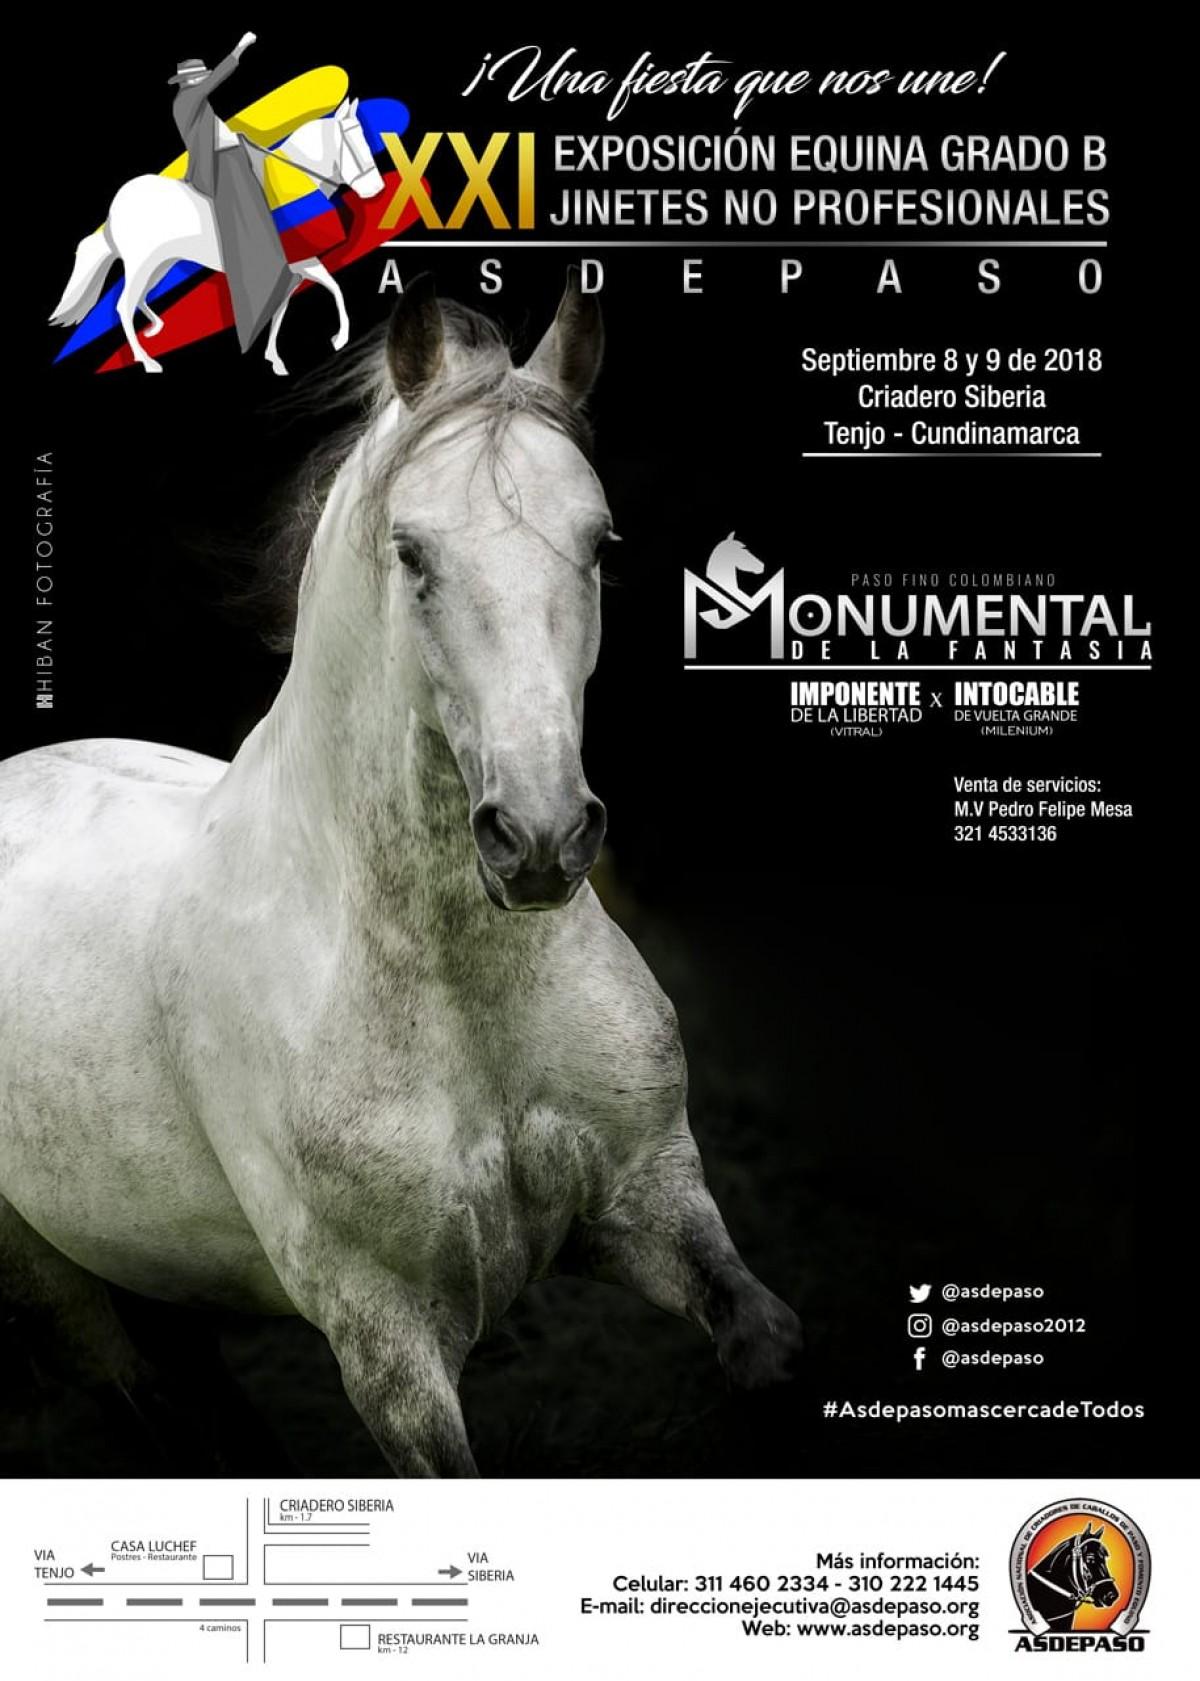 XXI Exposición Equina Grado B Jinetes No Profesionales Asdepaso, 8 y 9 De Sept